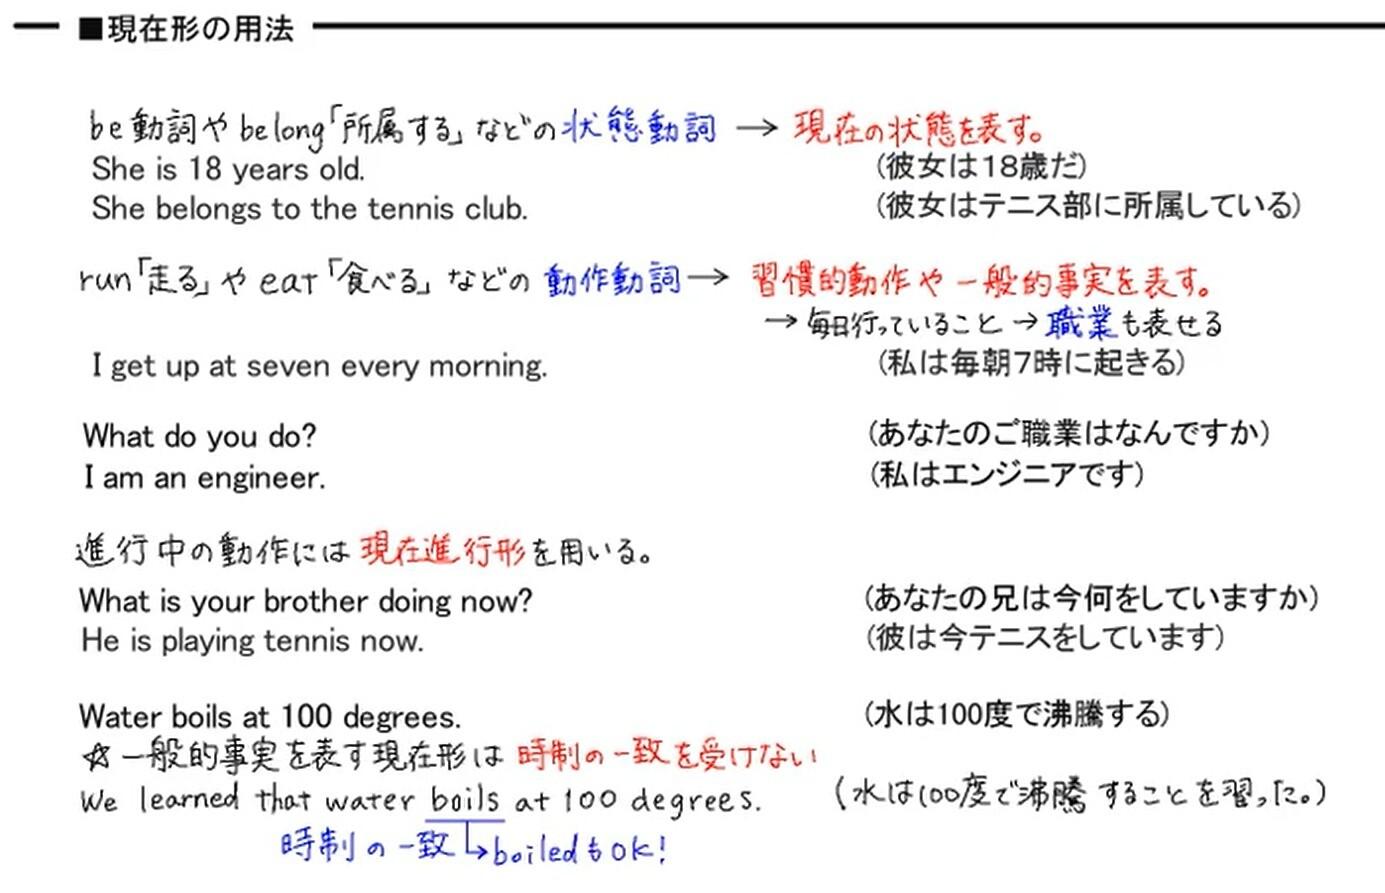 英文法の基本事項解説